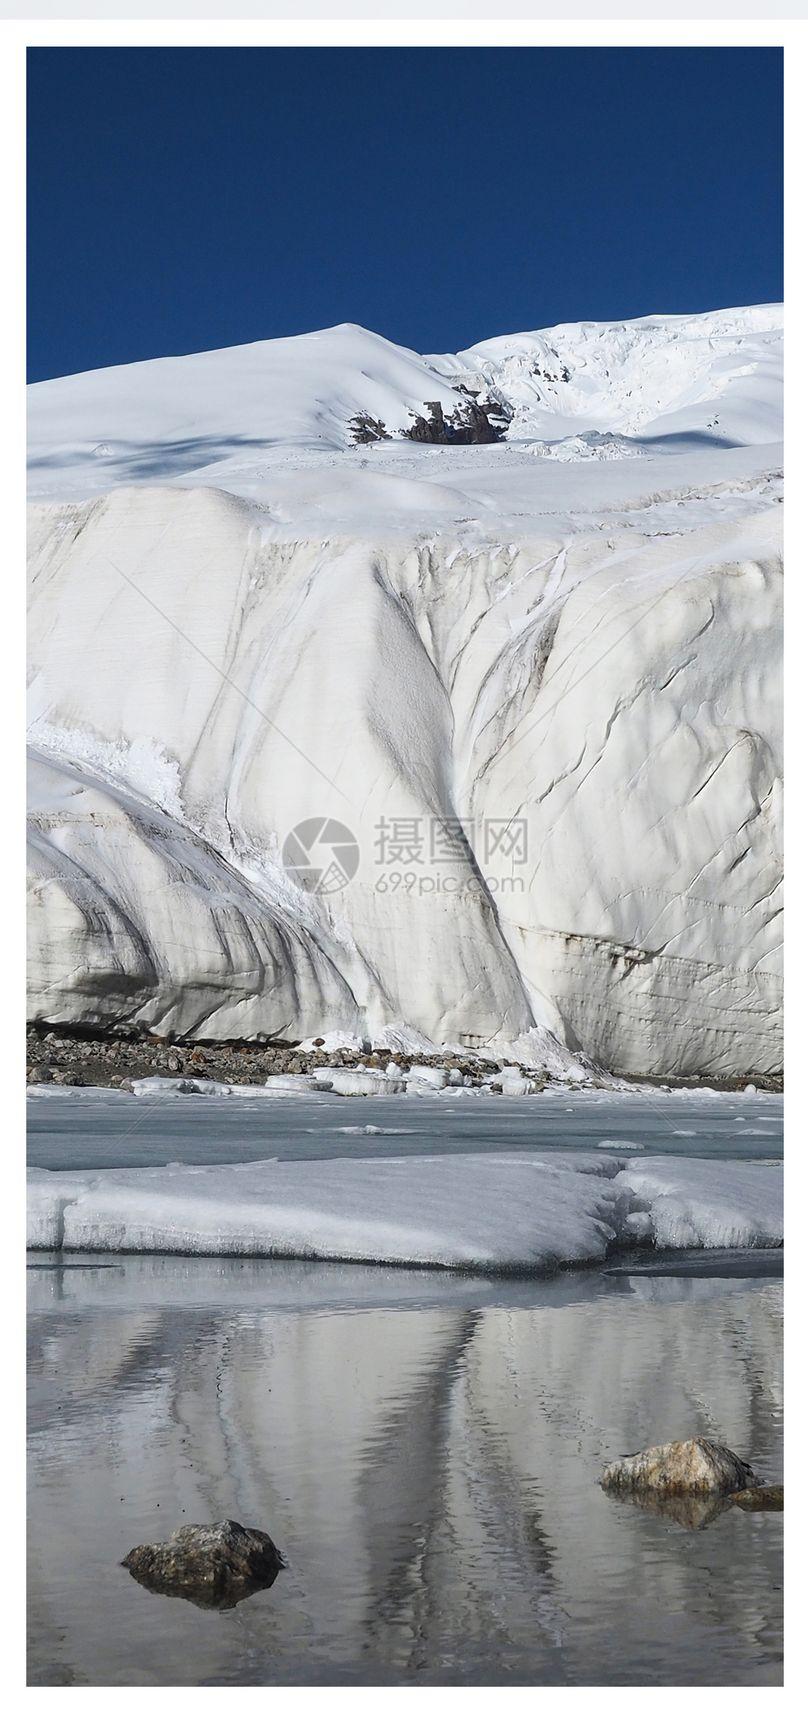 雪山手机壁纸图片